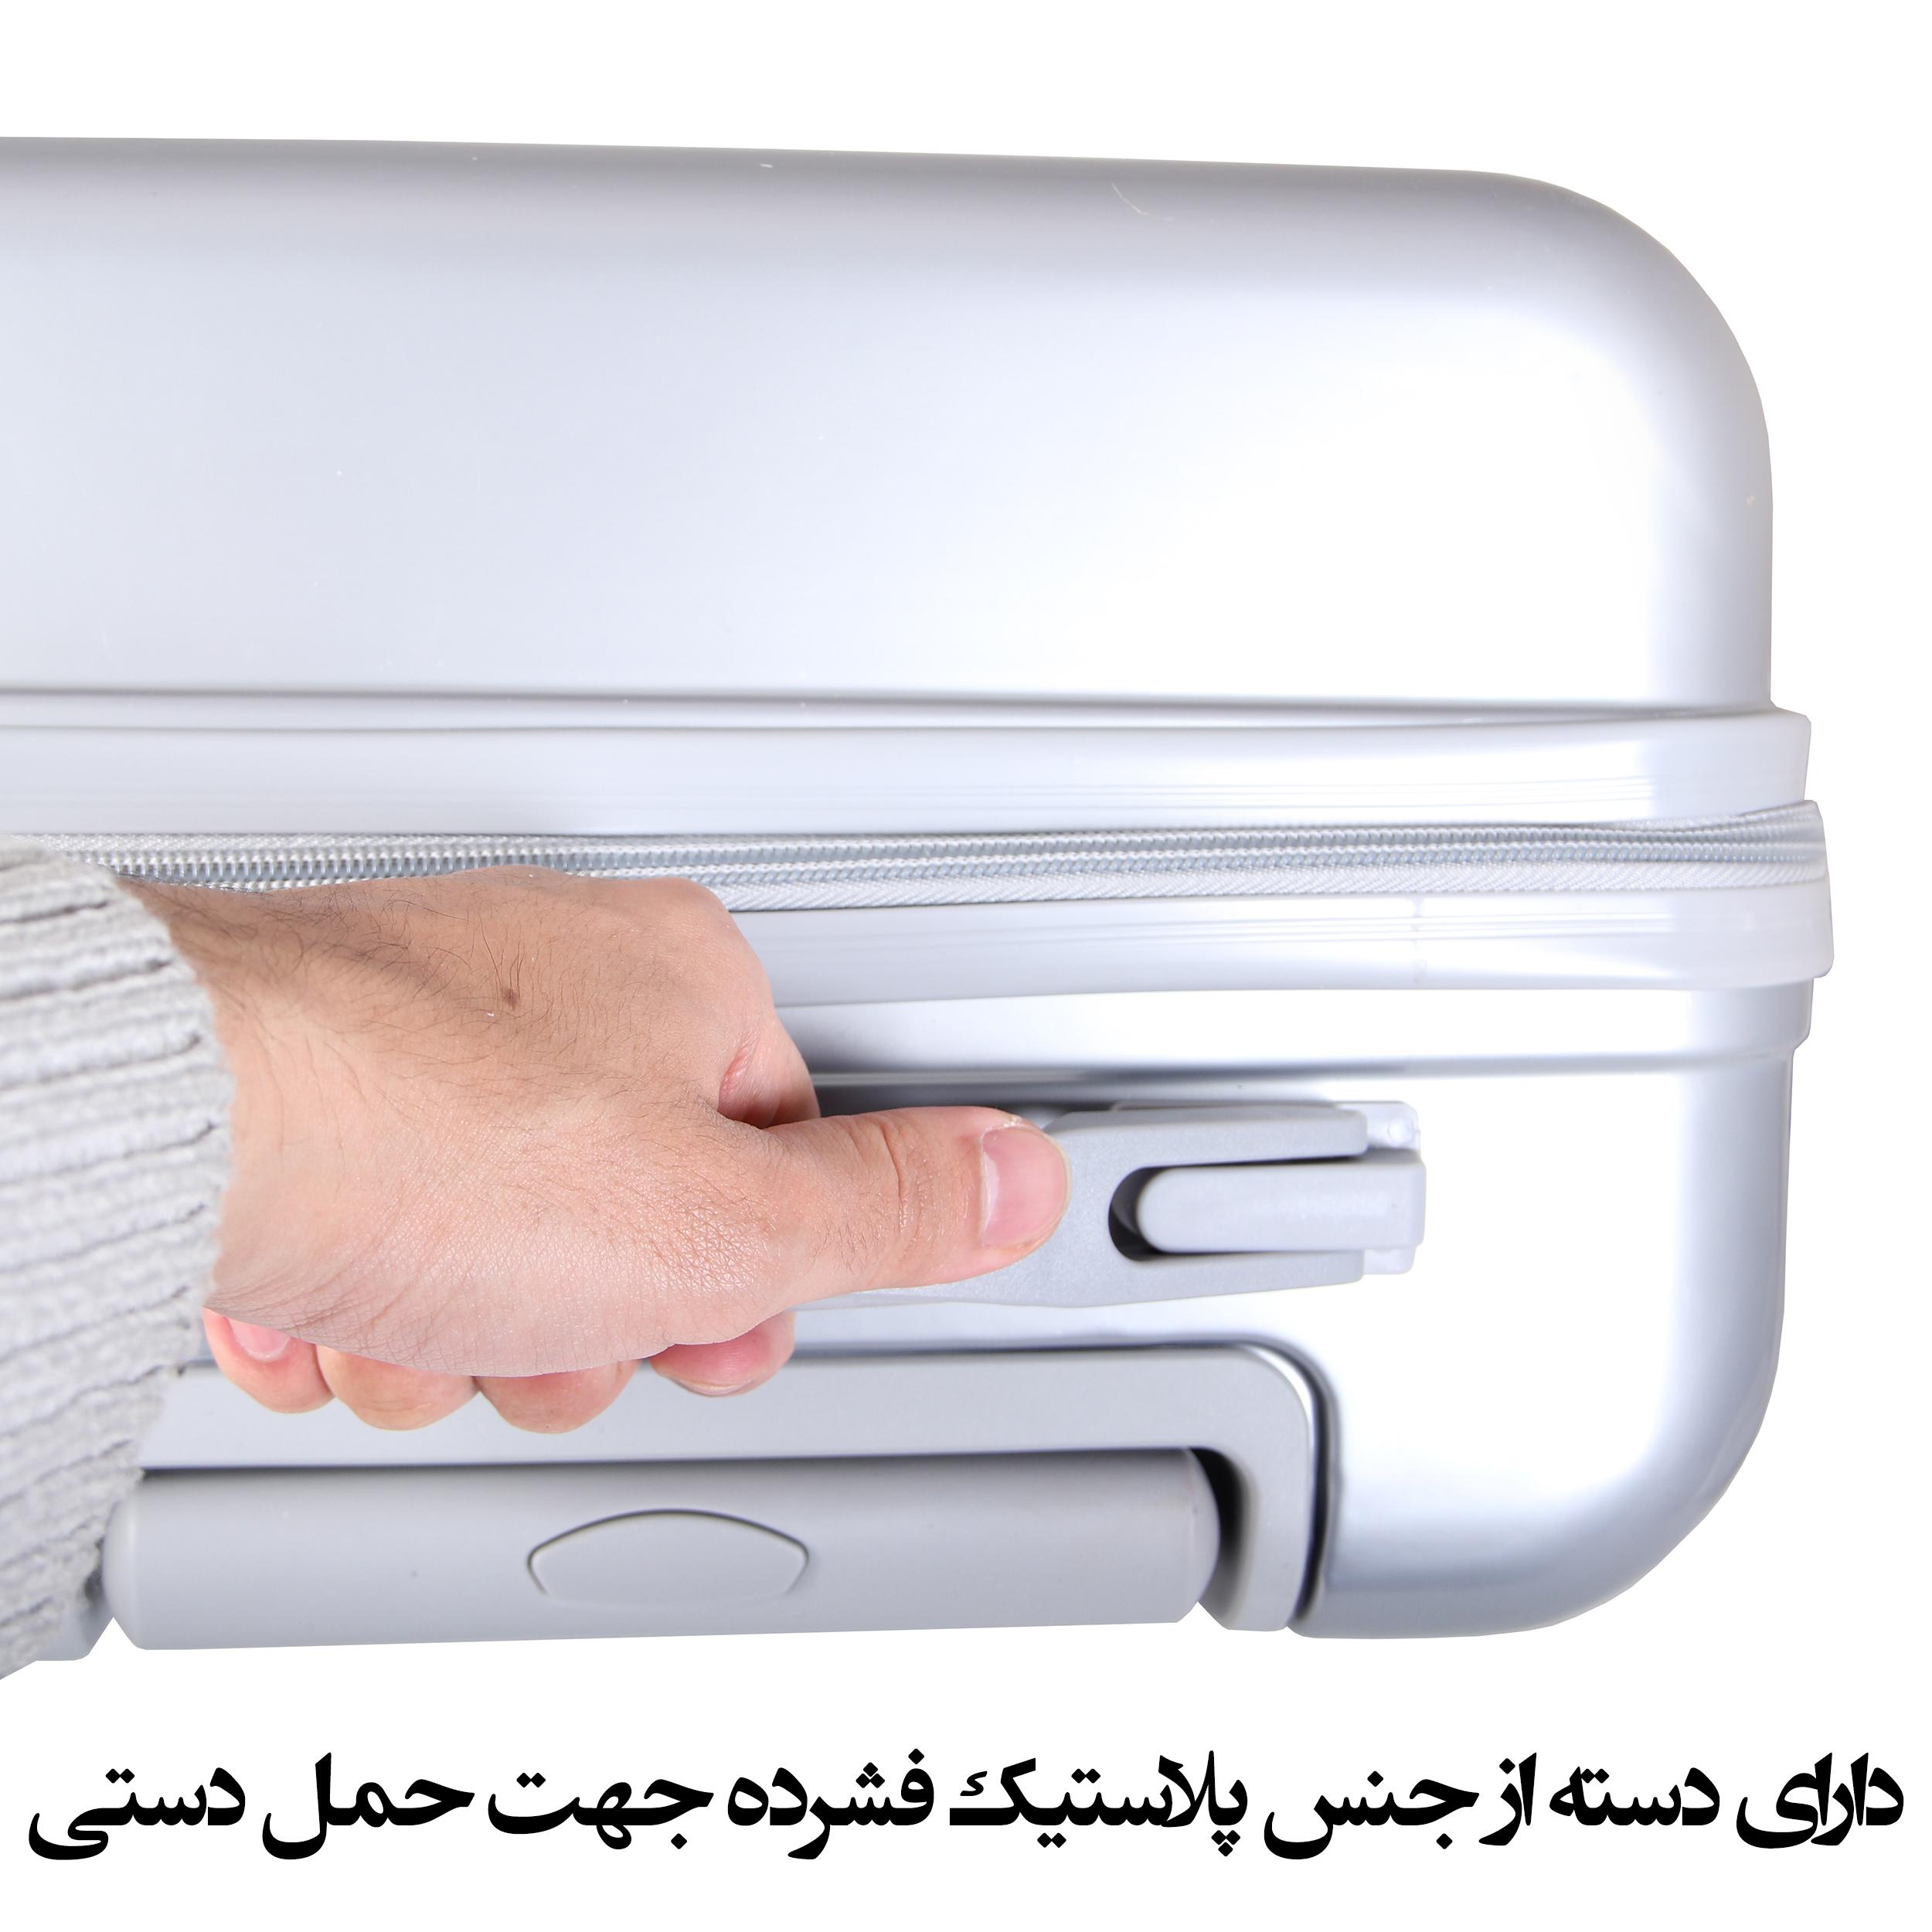 مجموعه سه عددی چمدان مدل 10021 thumb 10